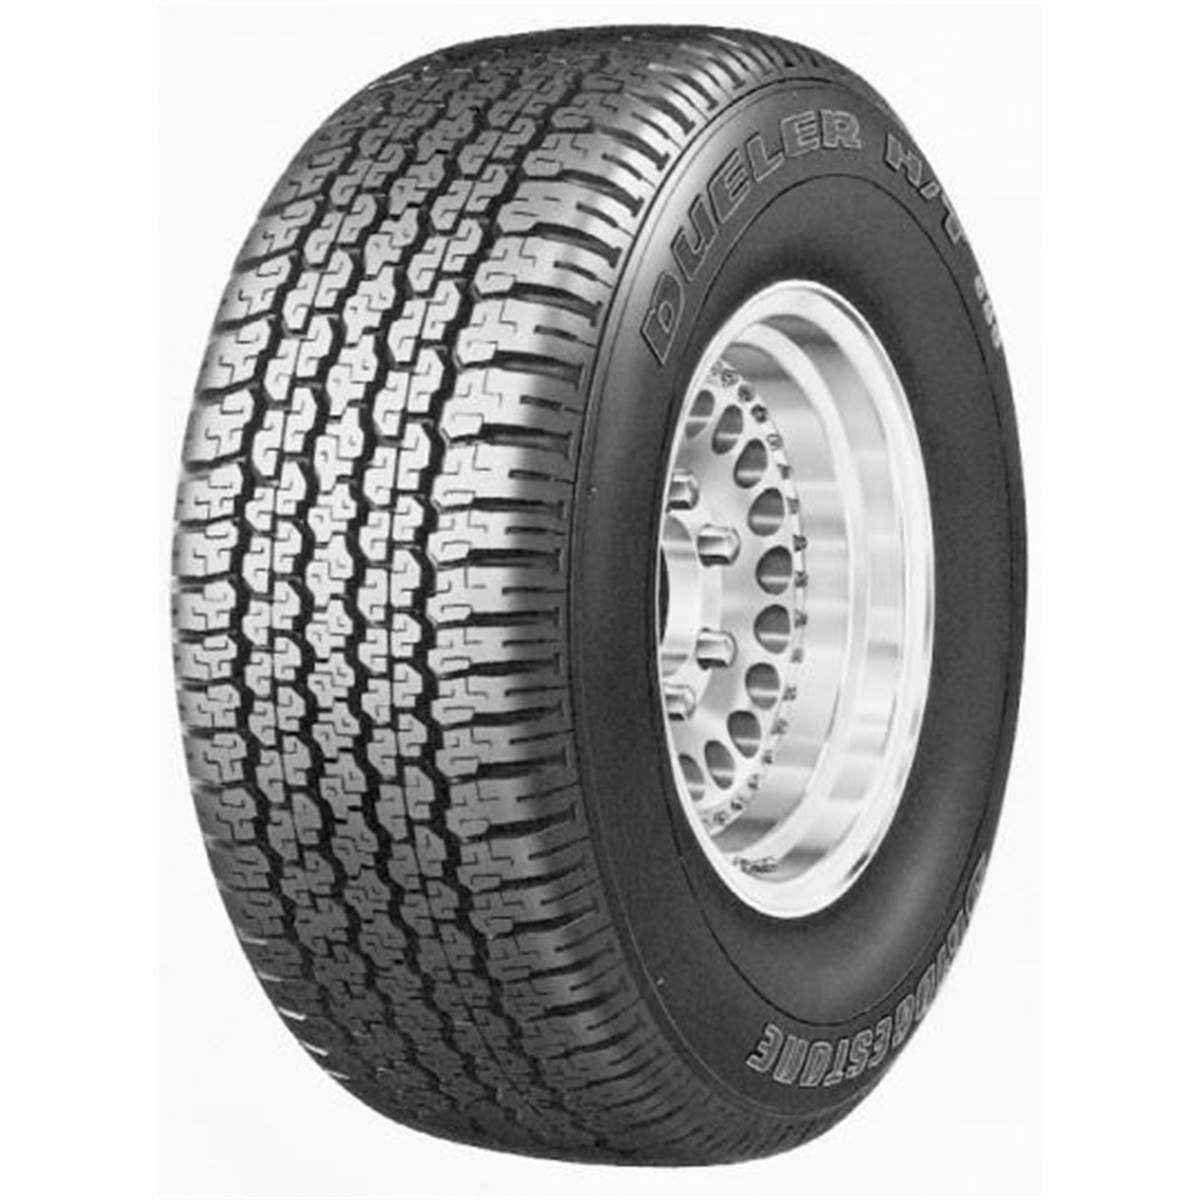 Pneu 4X4 Bridgestone 215/65R16 98H Dueler H/T 689